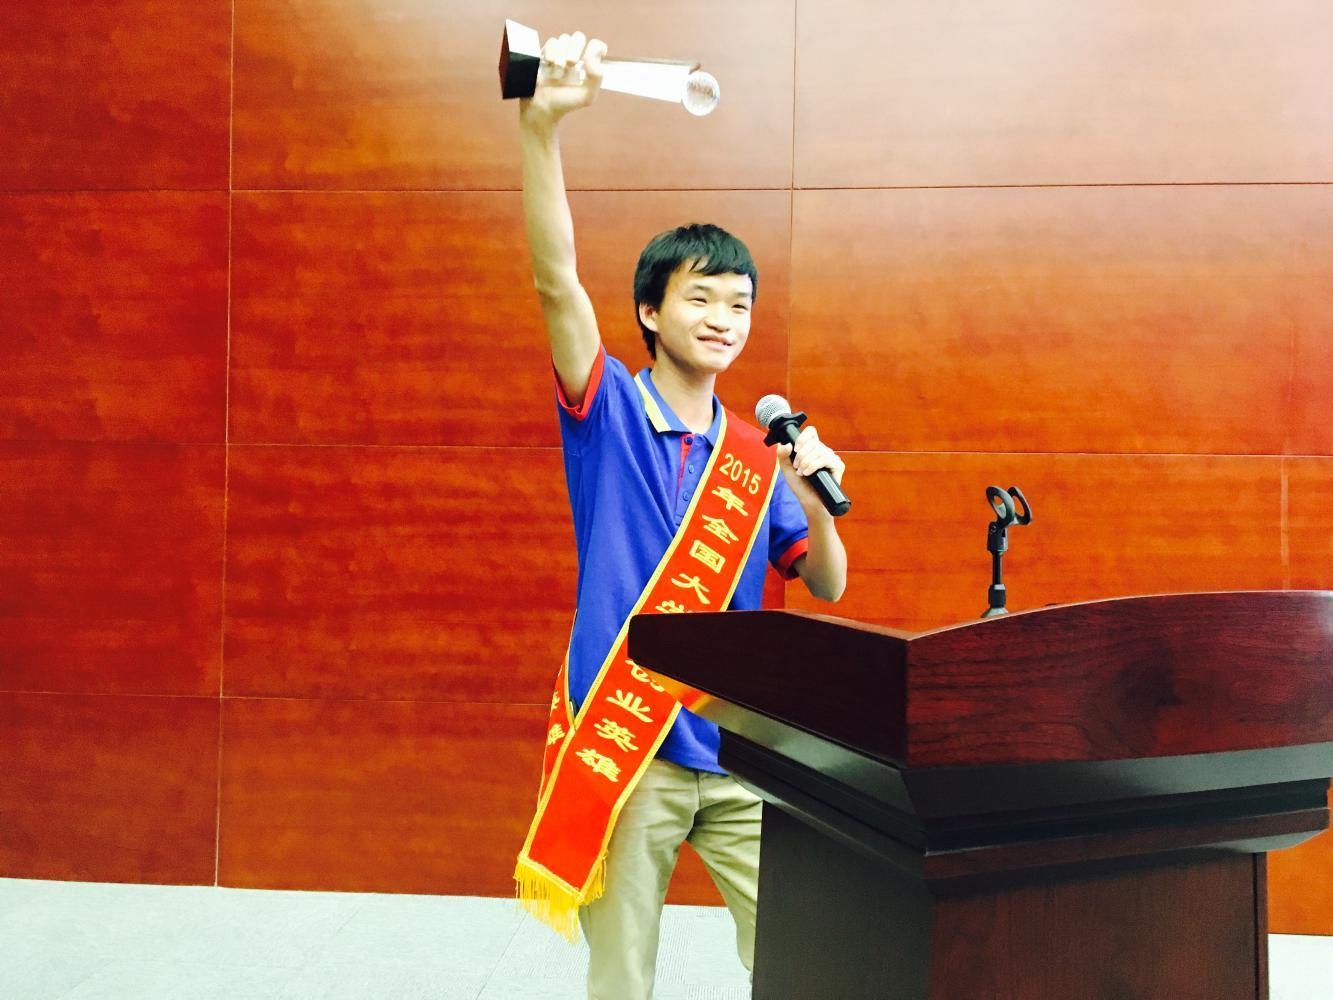 王桂超受邀参加2016年全国大学生创业实训营